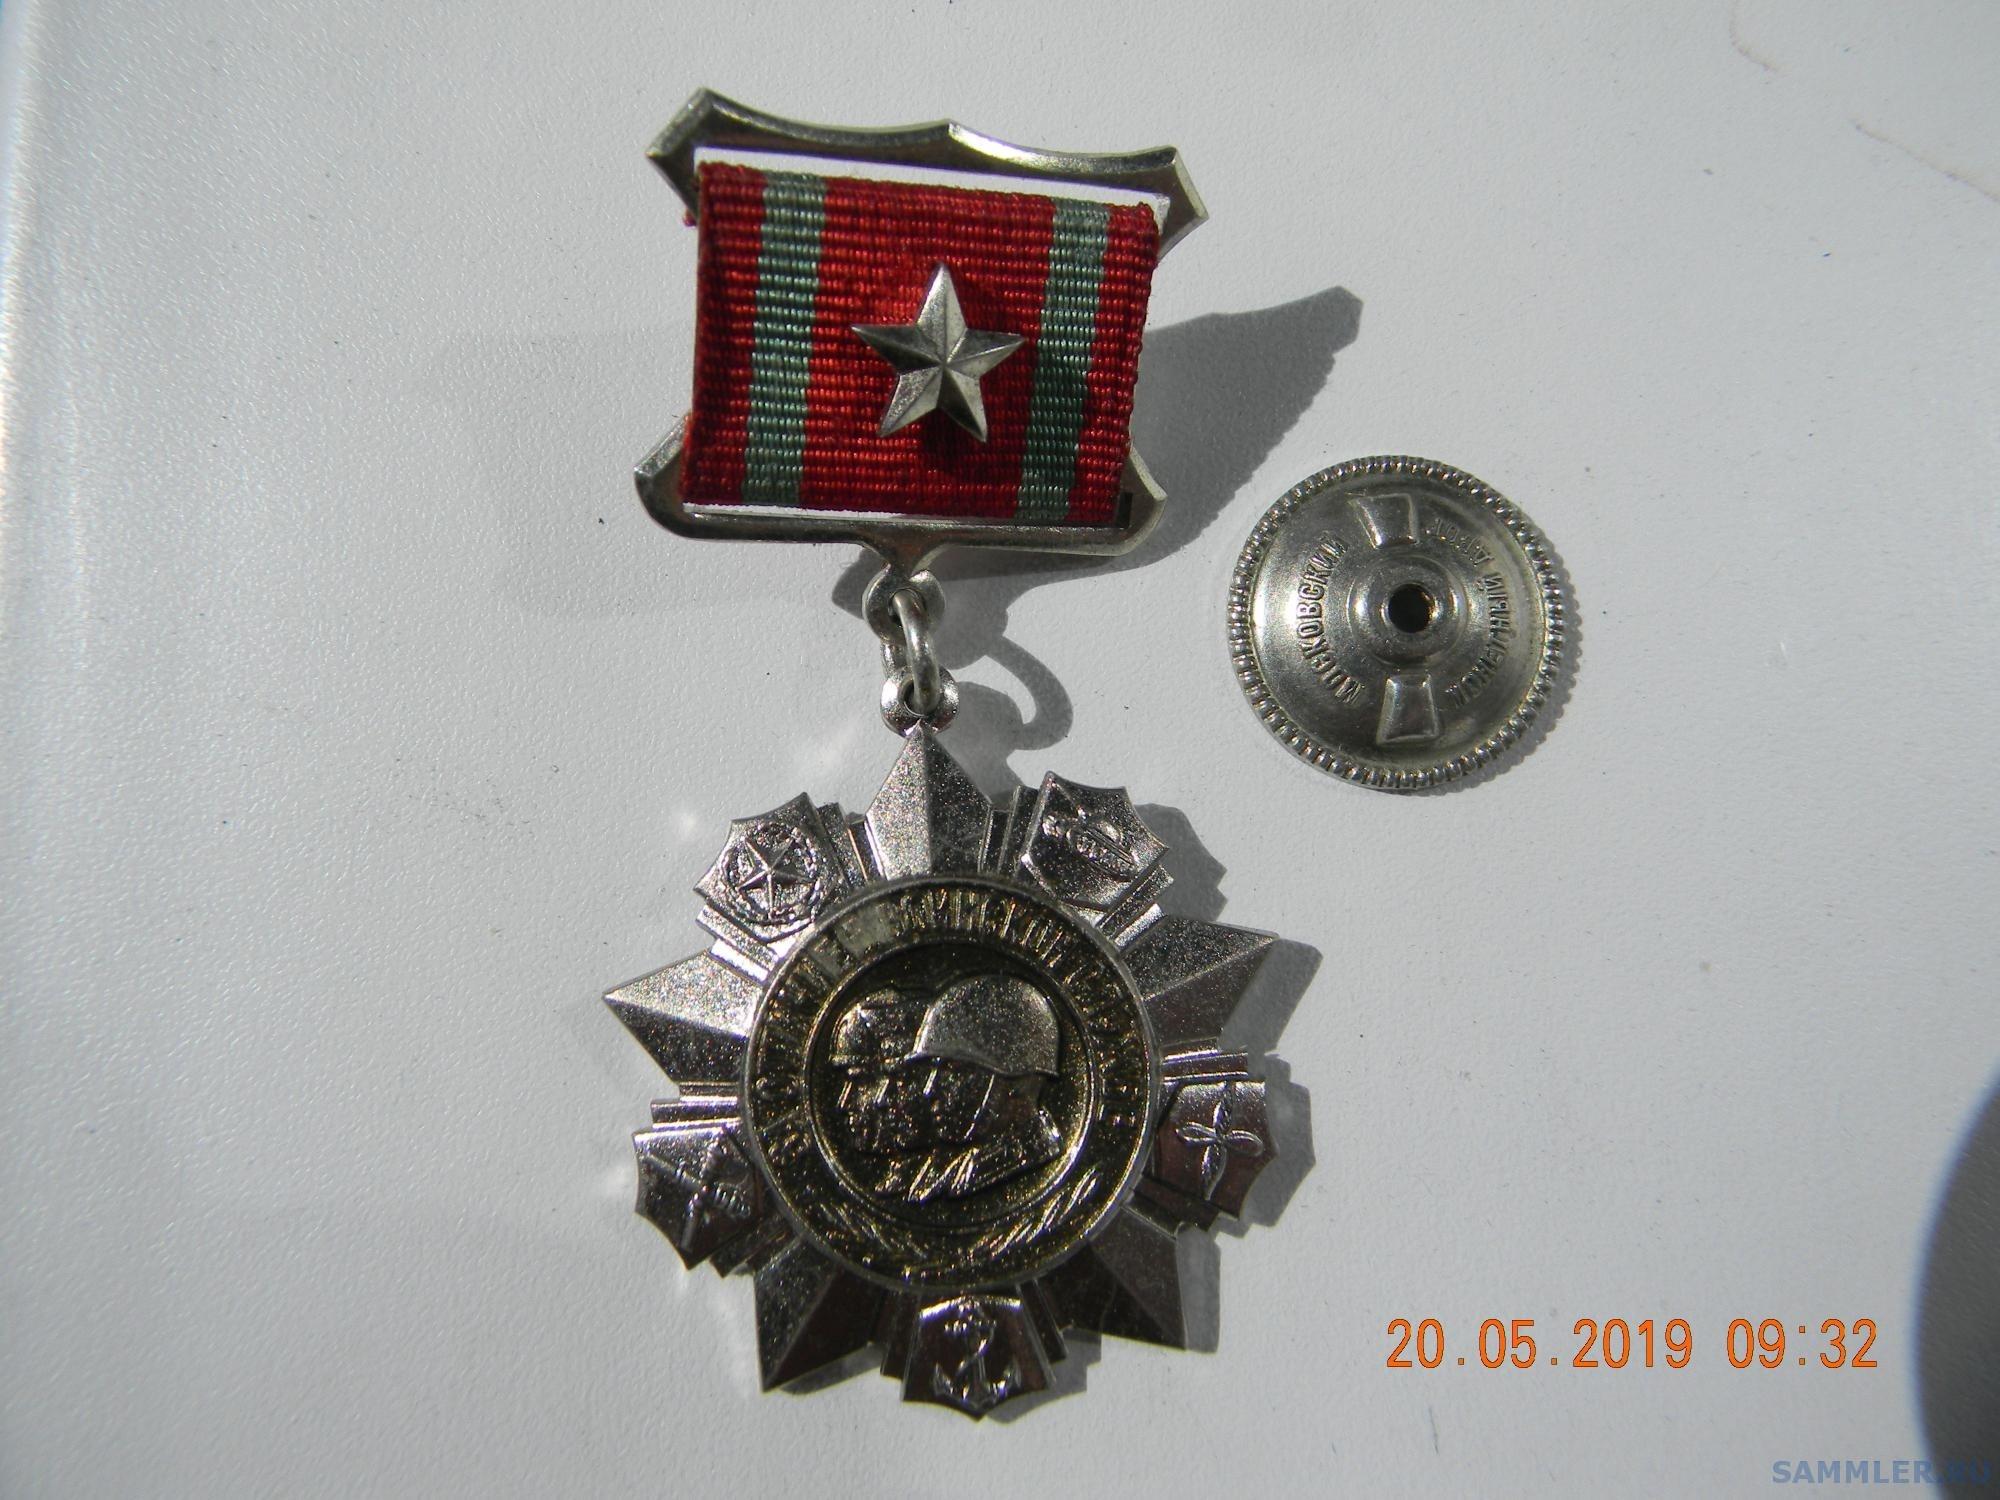 DSCN1382.JPG